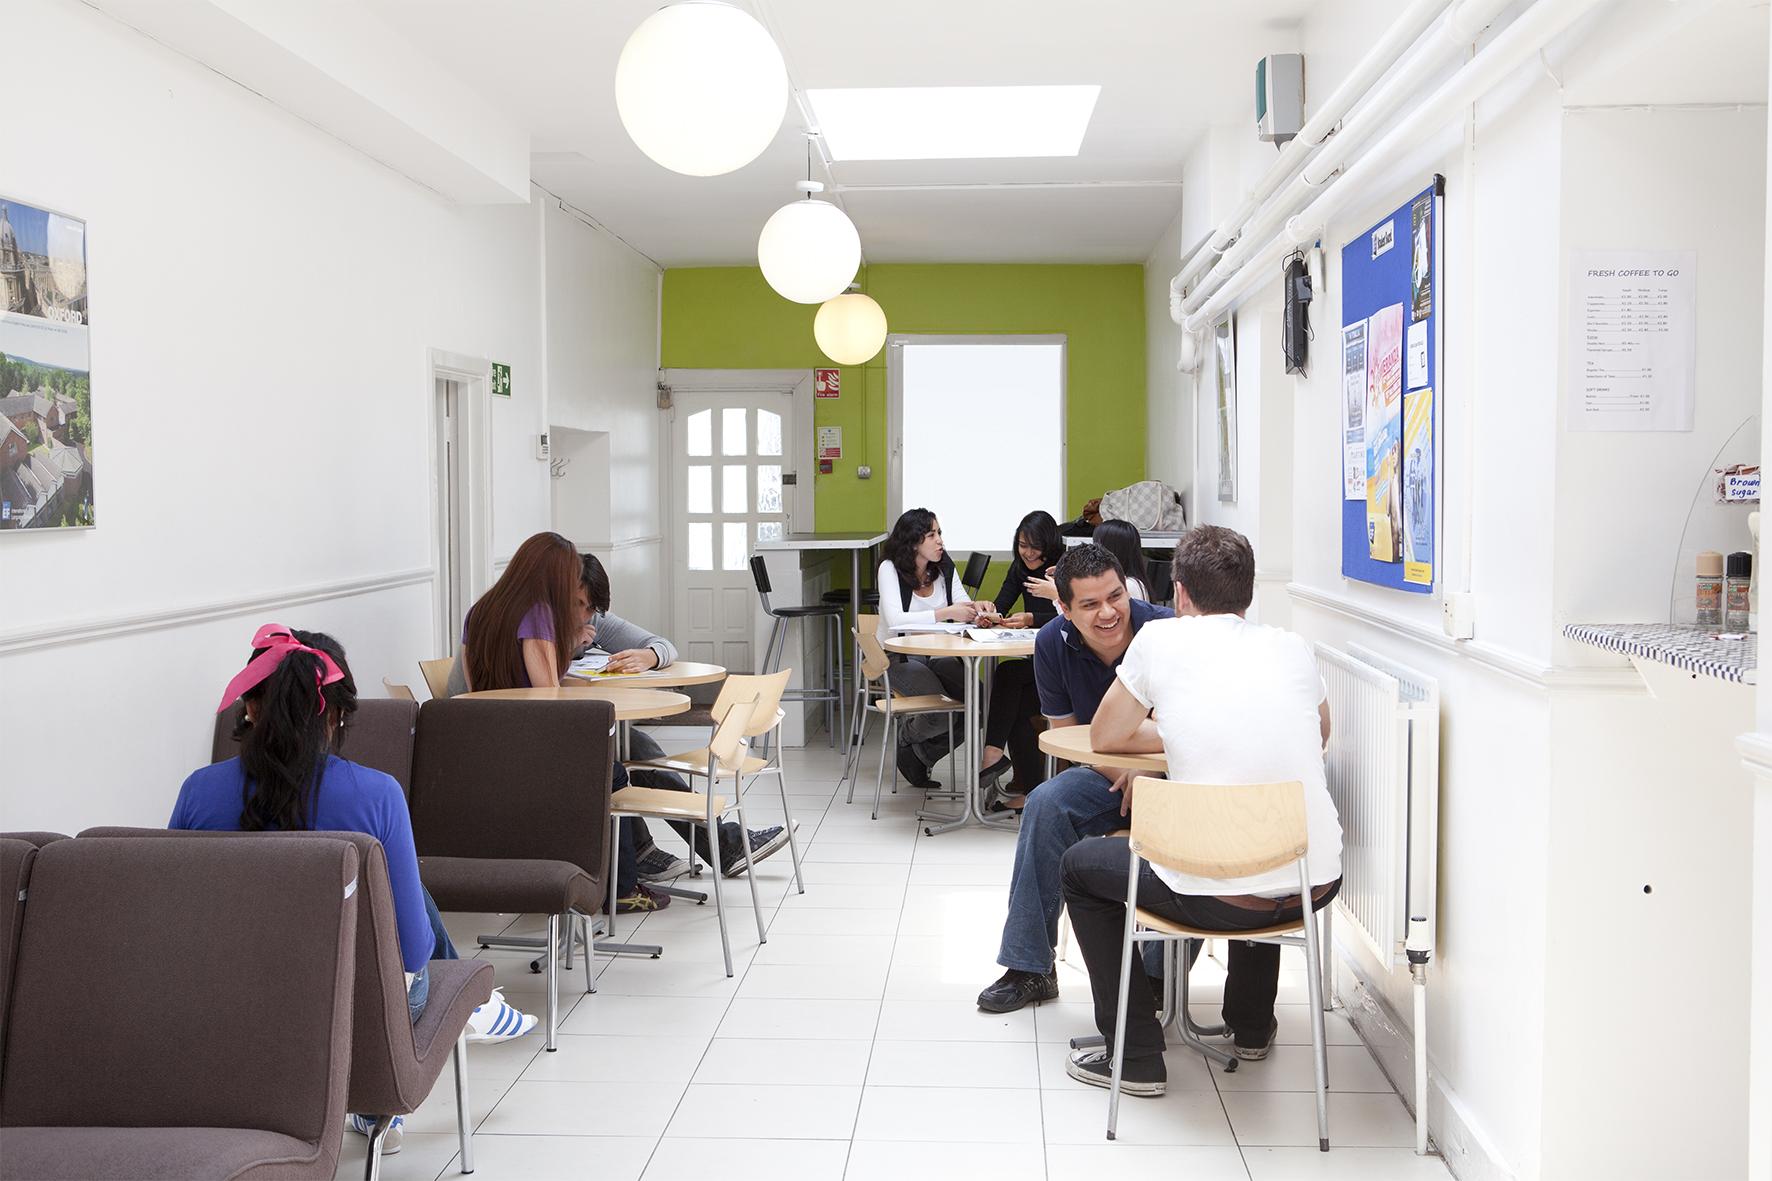 インターナショナルな環境で英語を学べるEFダブリン校